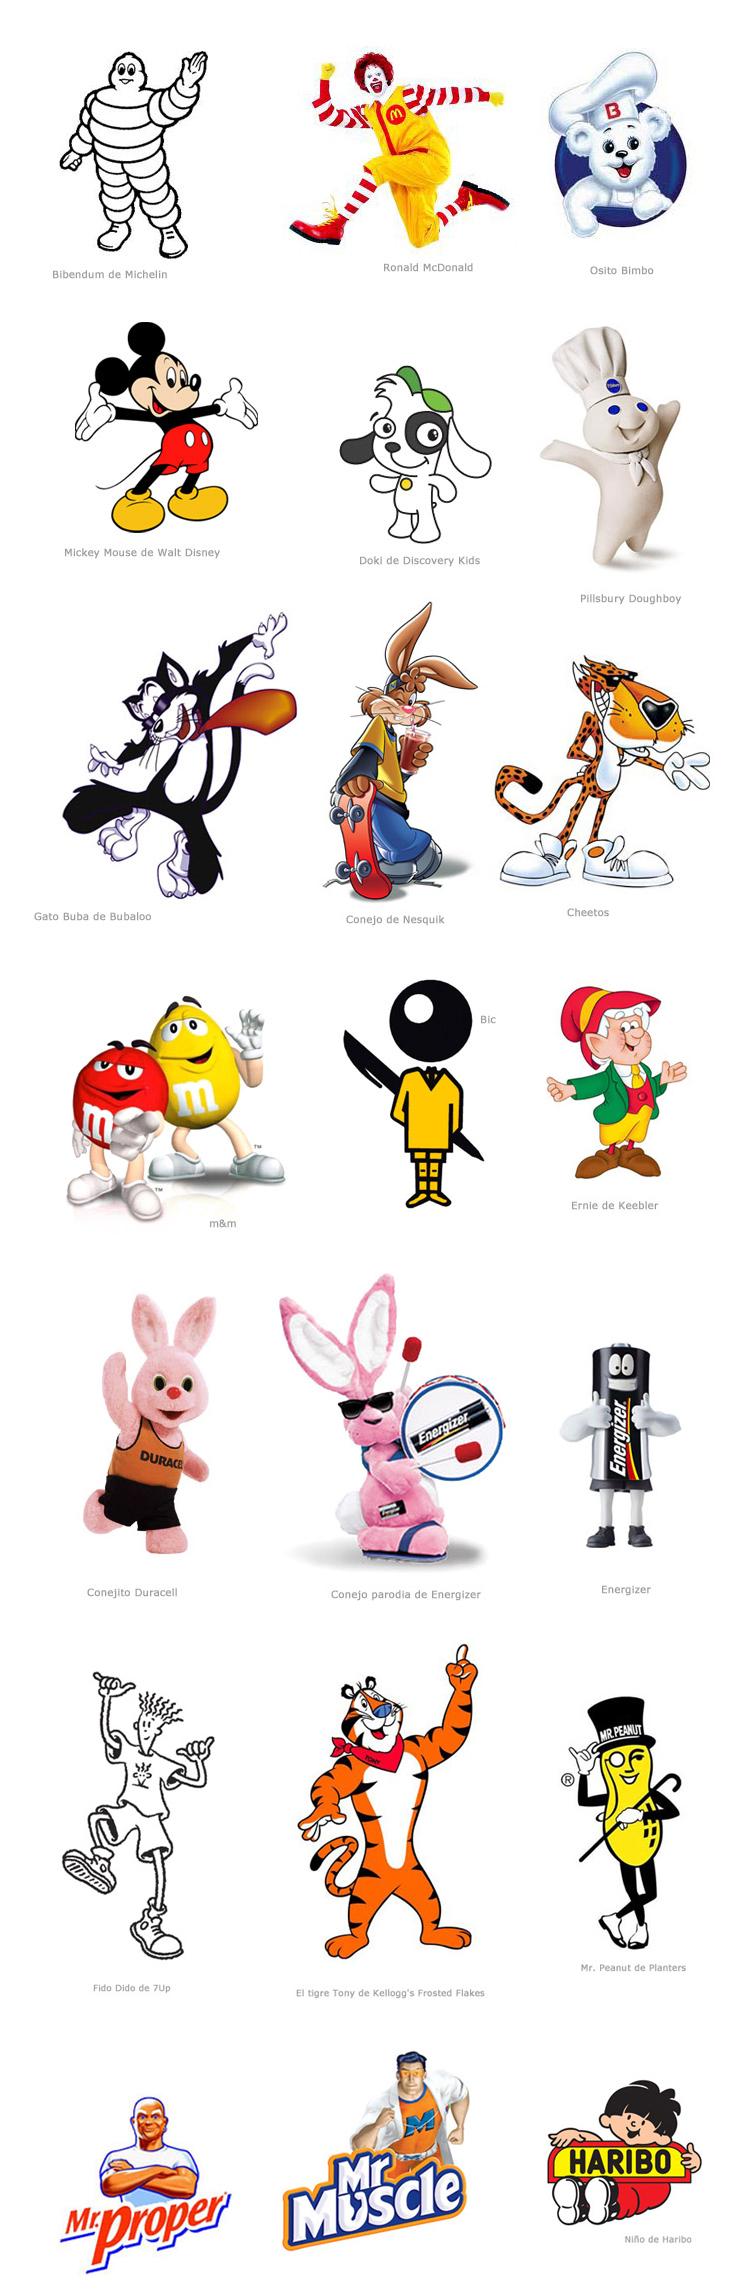 Las mascotas publicitarias